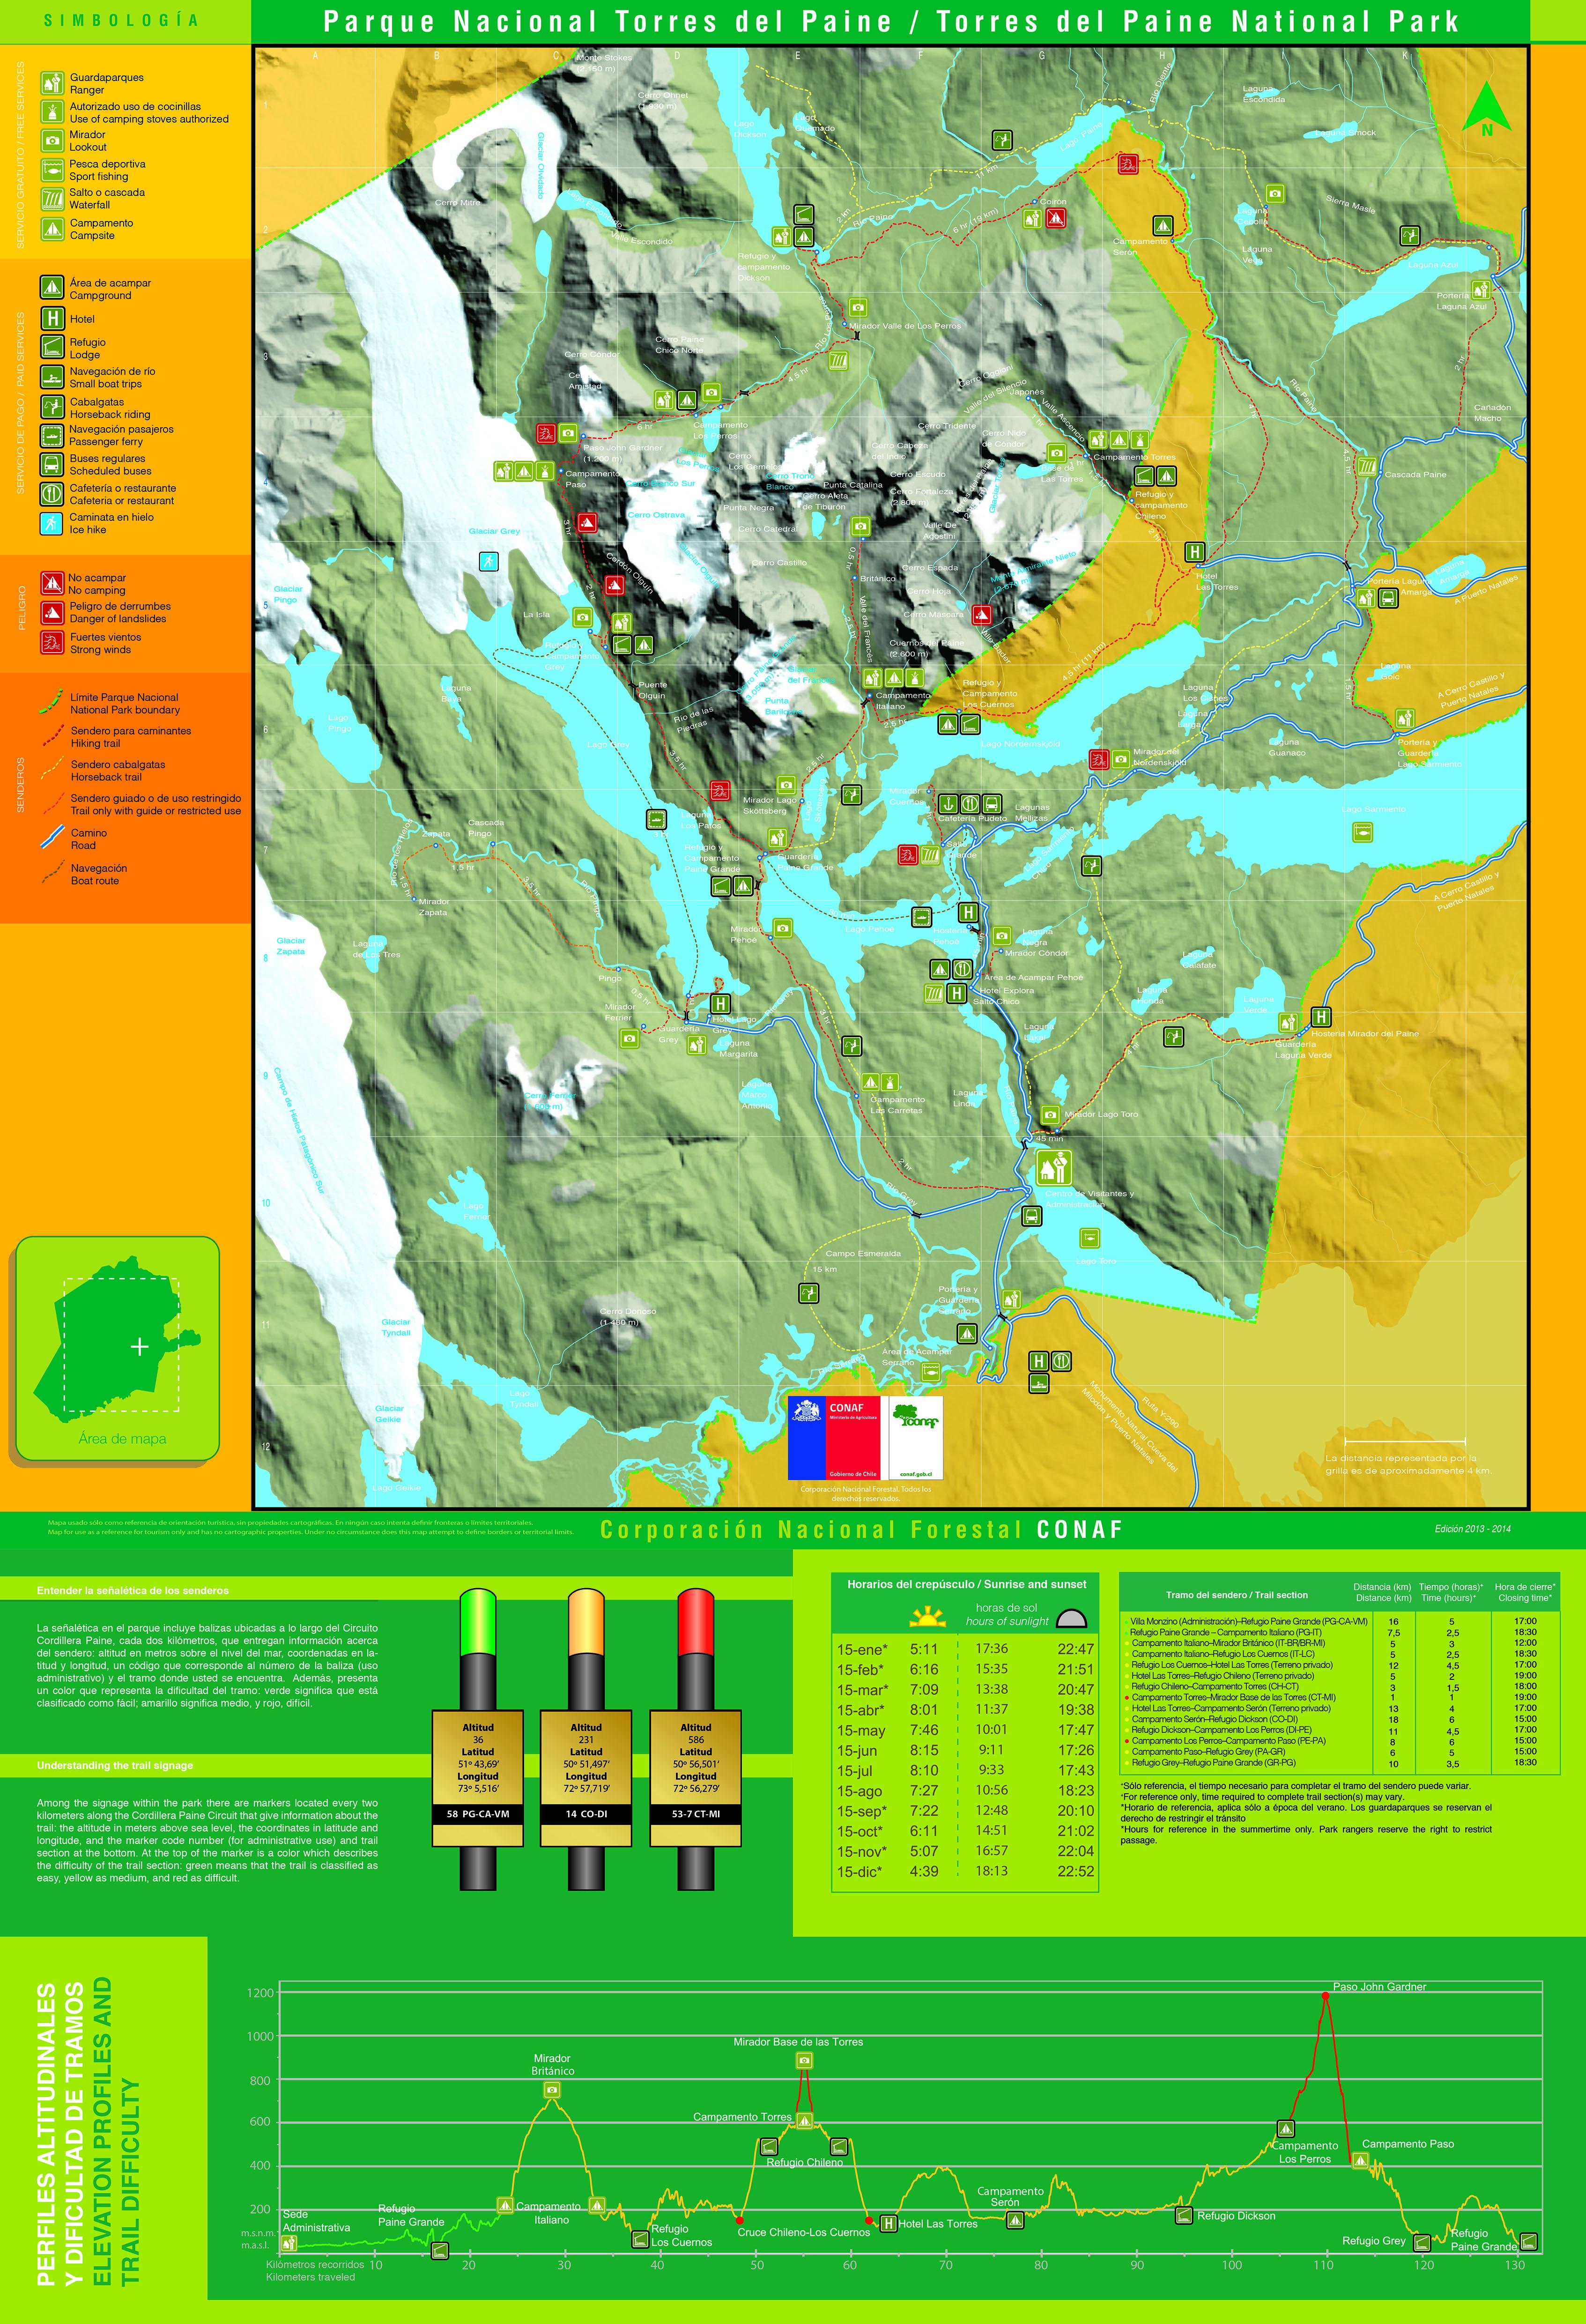 Circuito W Mapa : Parque nacional torres del paine la w andeshandbook